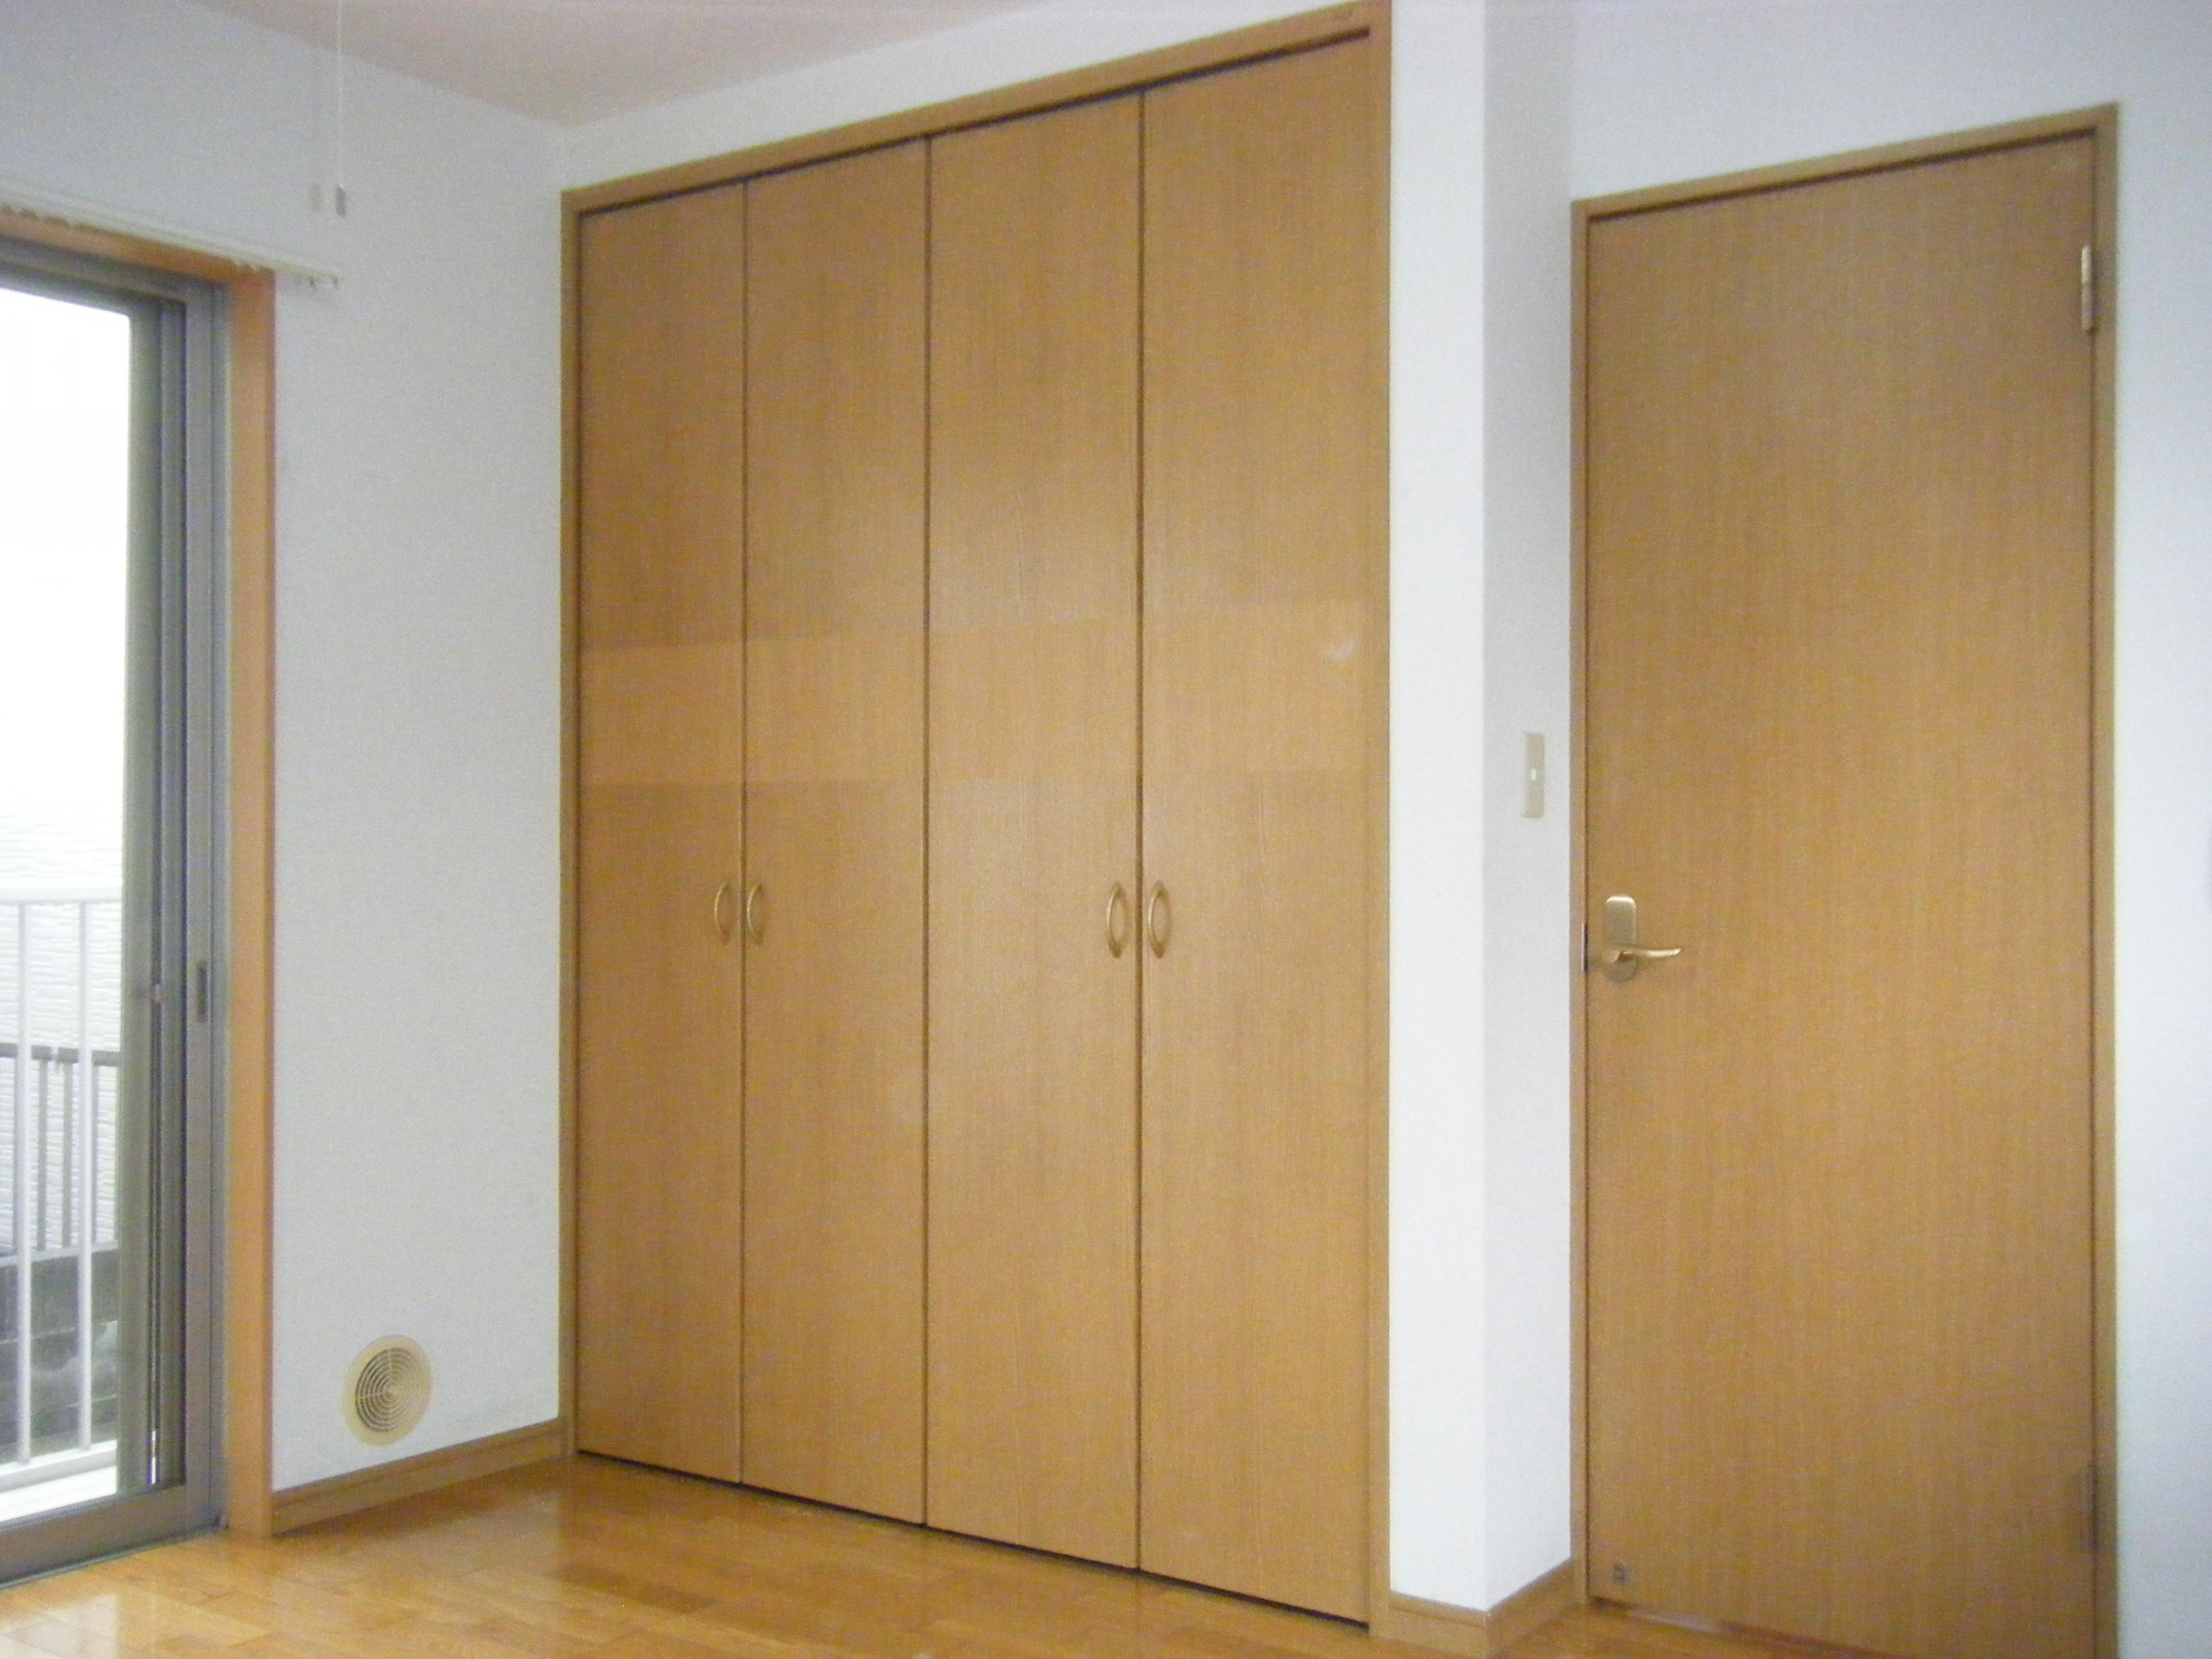 室内建具とクローゼット建具★